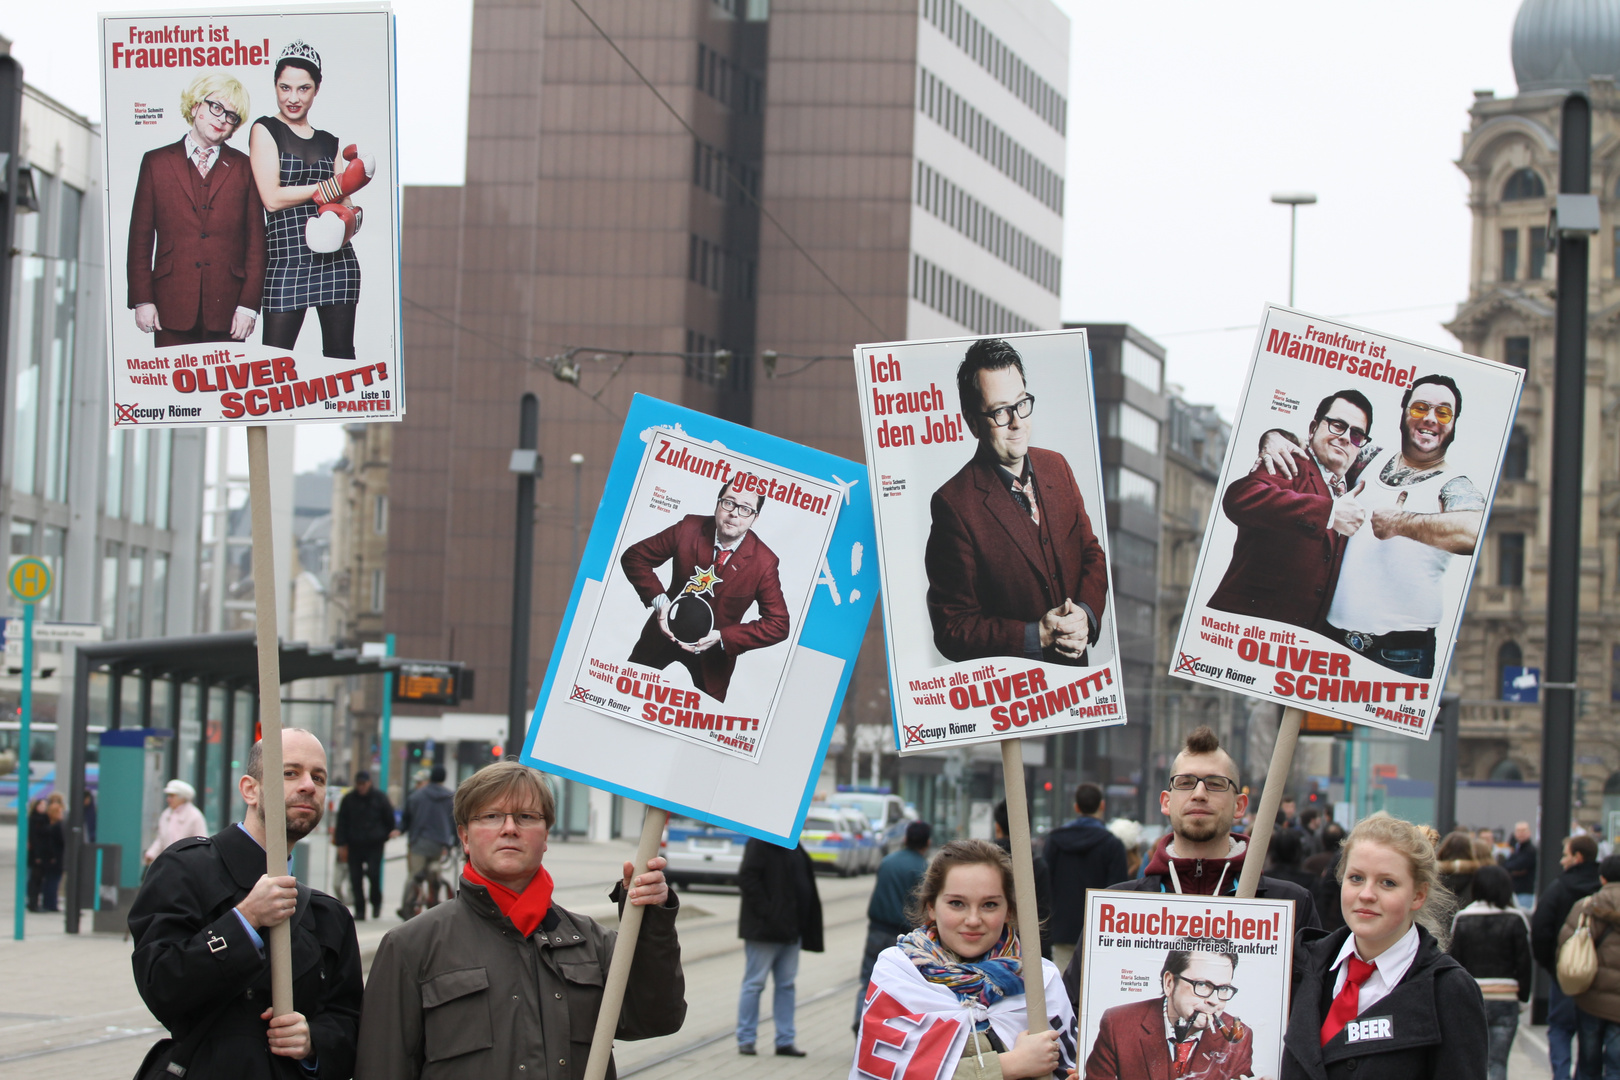 Occupy Römer - Ich brauch den Job!